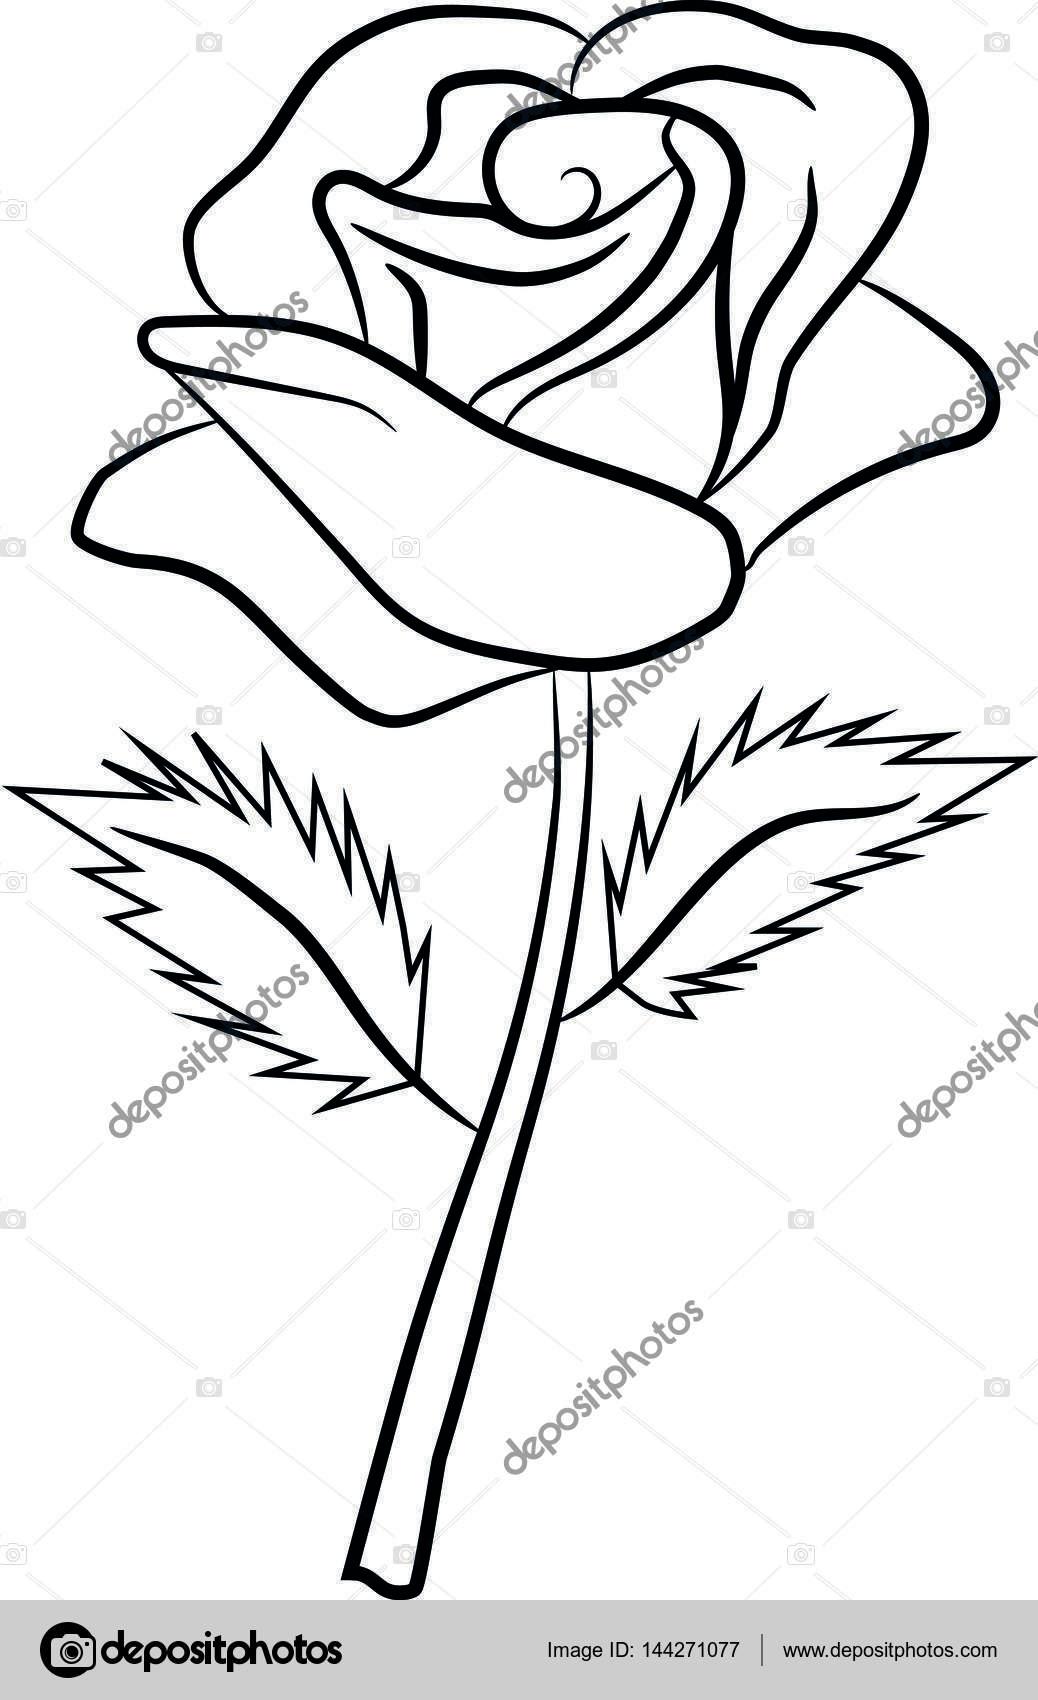 rose blume muster bl tenbl tter bl tter zeichnen malen stockvektor serega1104 144271077. Black Bedroom Furniture Sets. Home Design Ideas